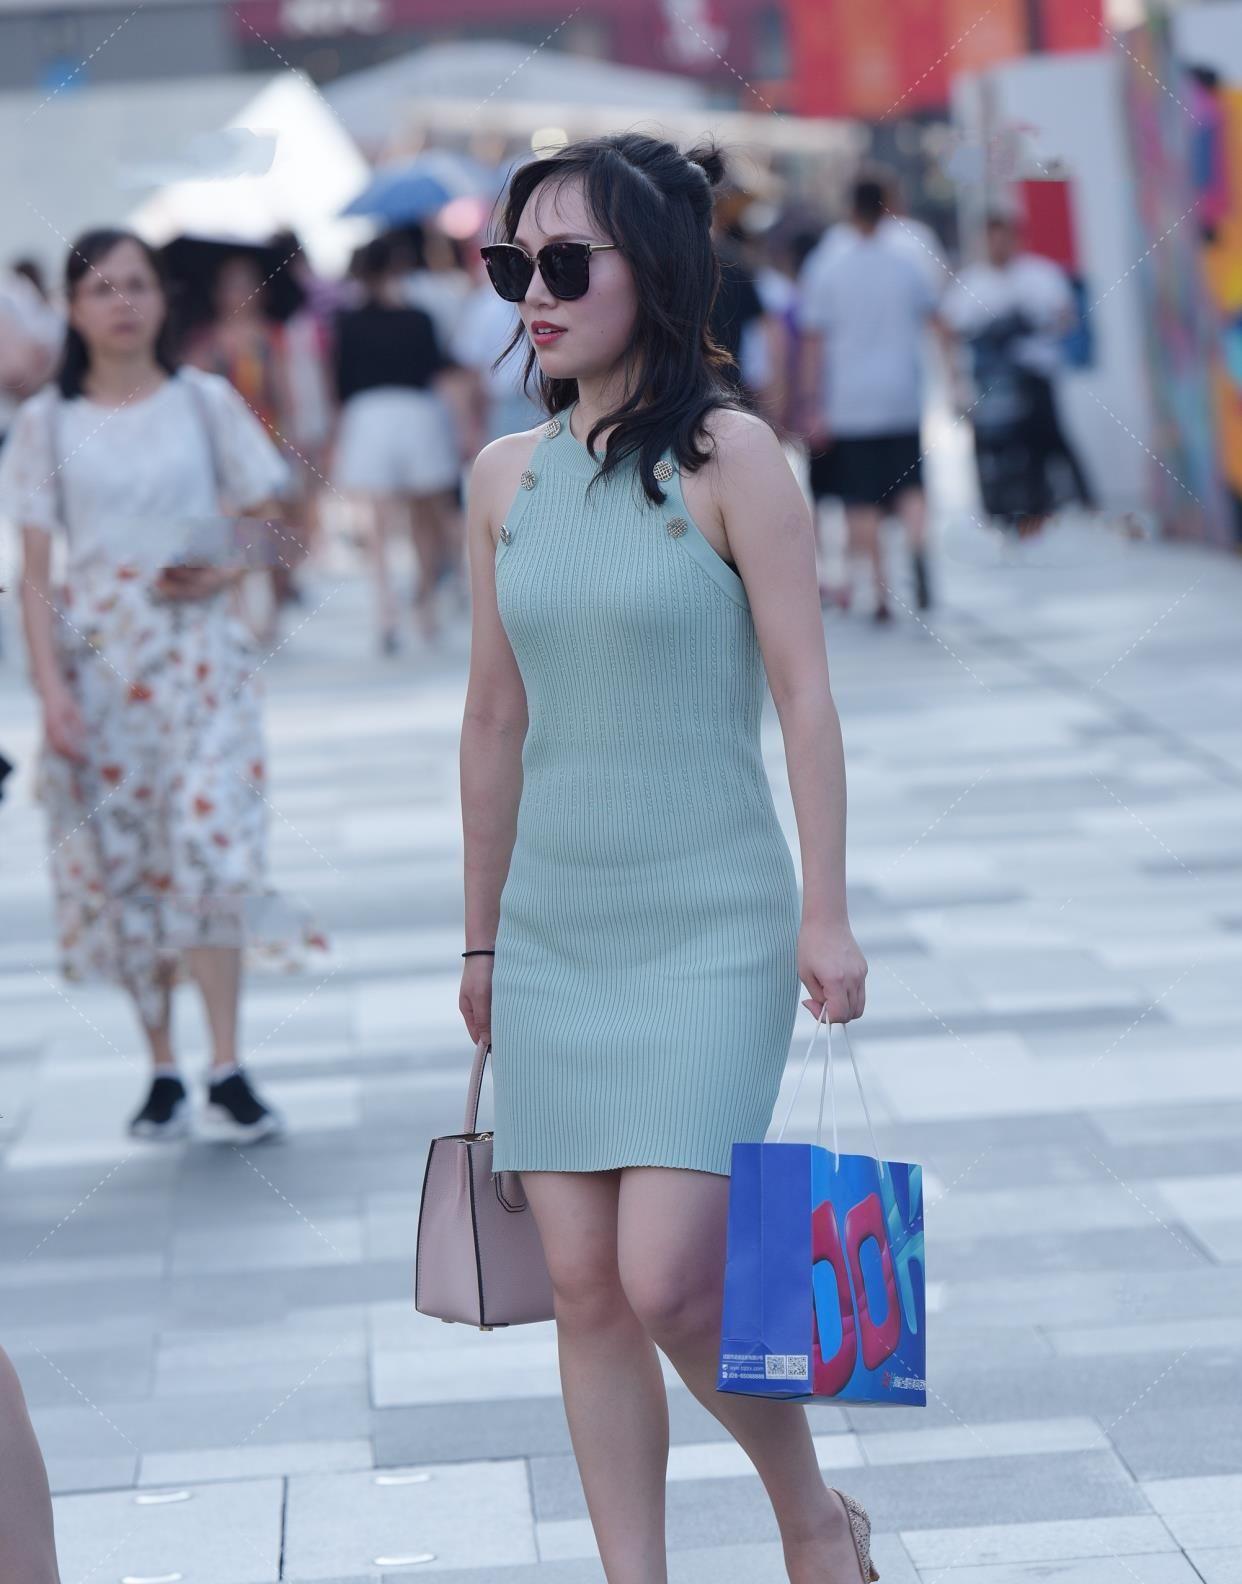 薄荷绿针织裙,搭配樱粉色鞋包,充满时尚生命力的清爽穿搭